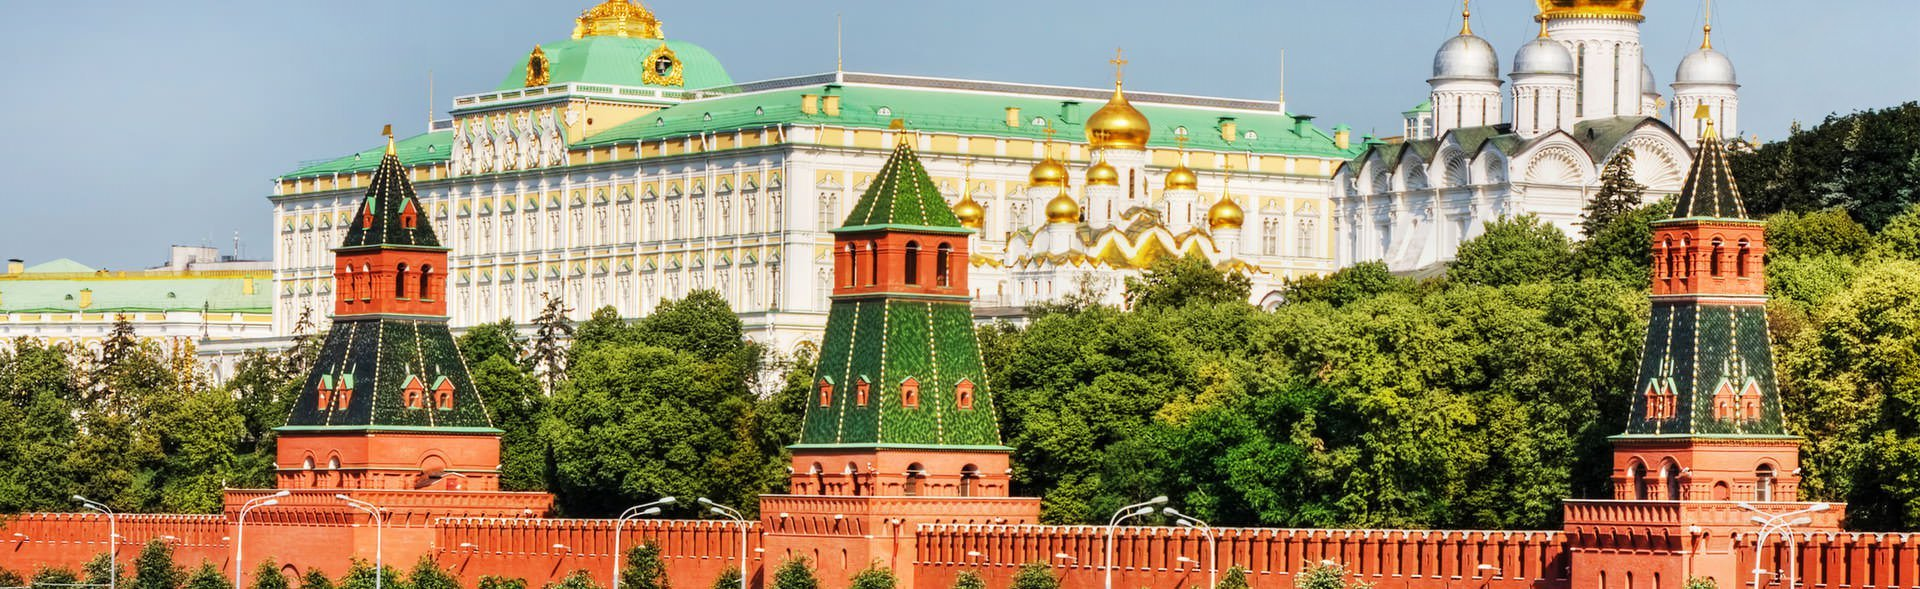 Private Russian Revolution Tour to Russia